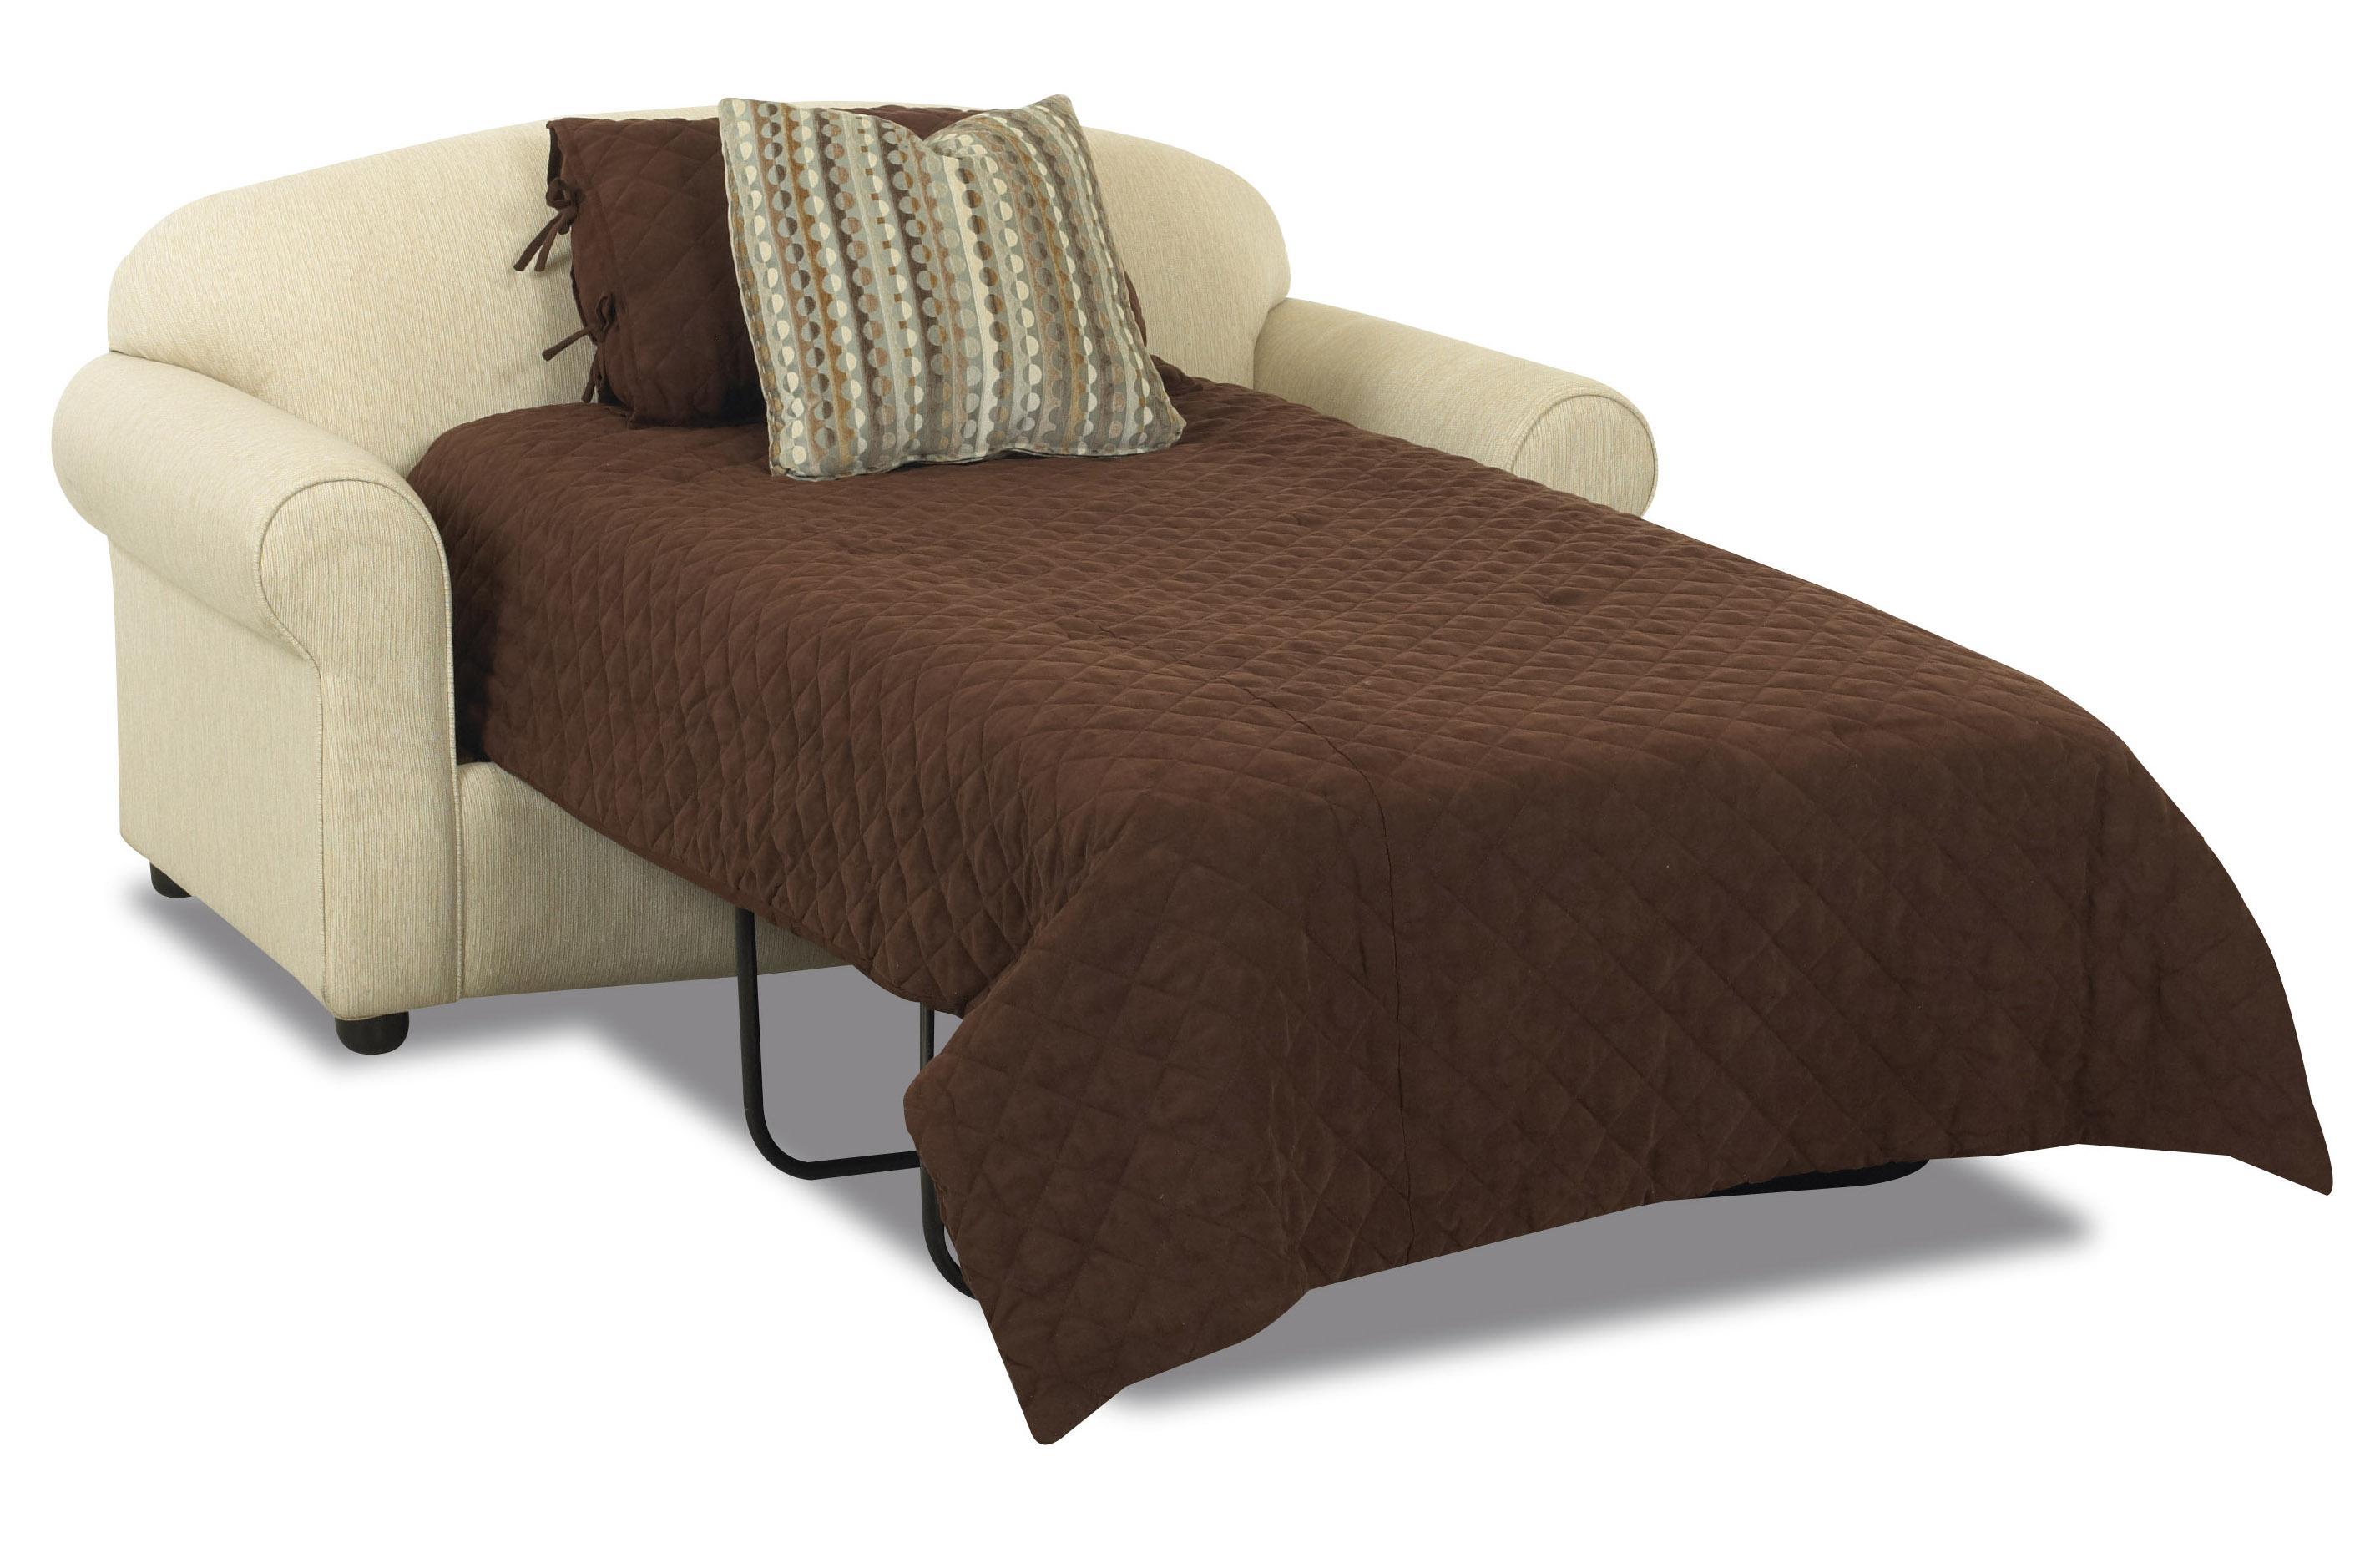 Klaussner Possibilities 500 ITSL Innerspring Twin Sleeper Loveseat |  Hudsonu0027s Furniture | Sleeper Sofas